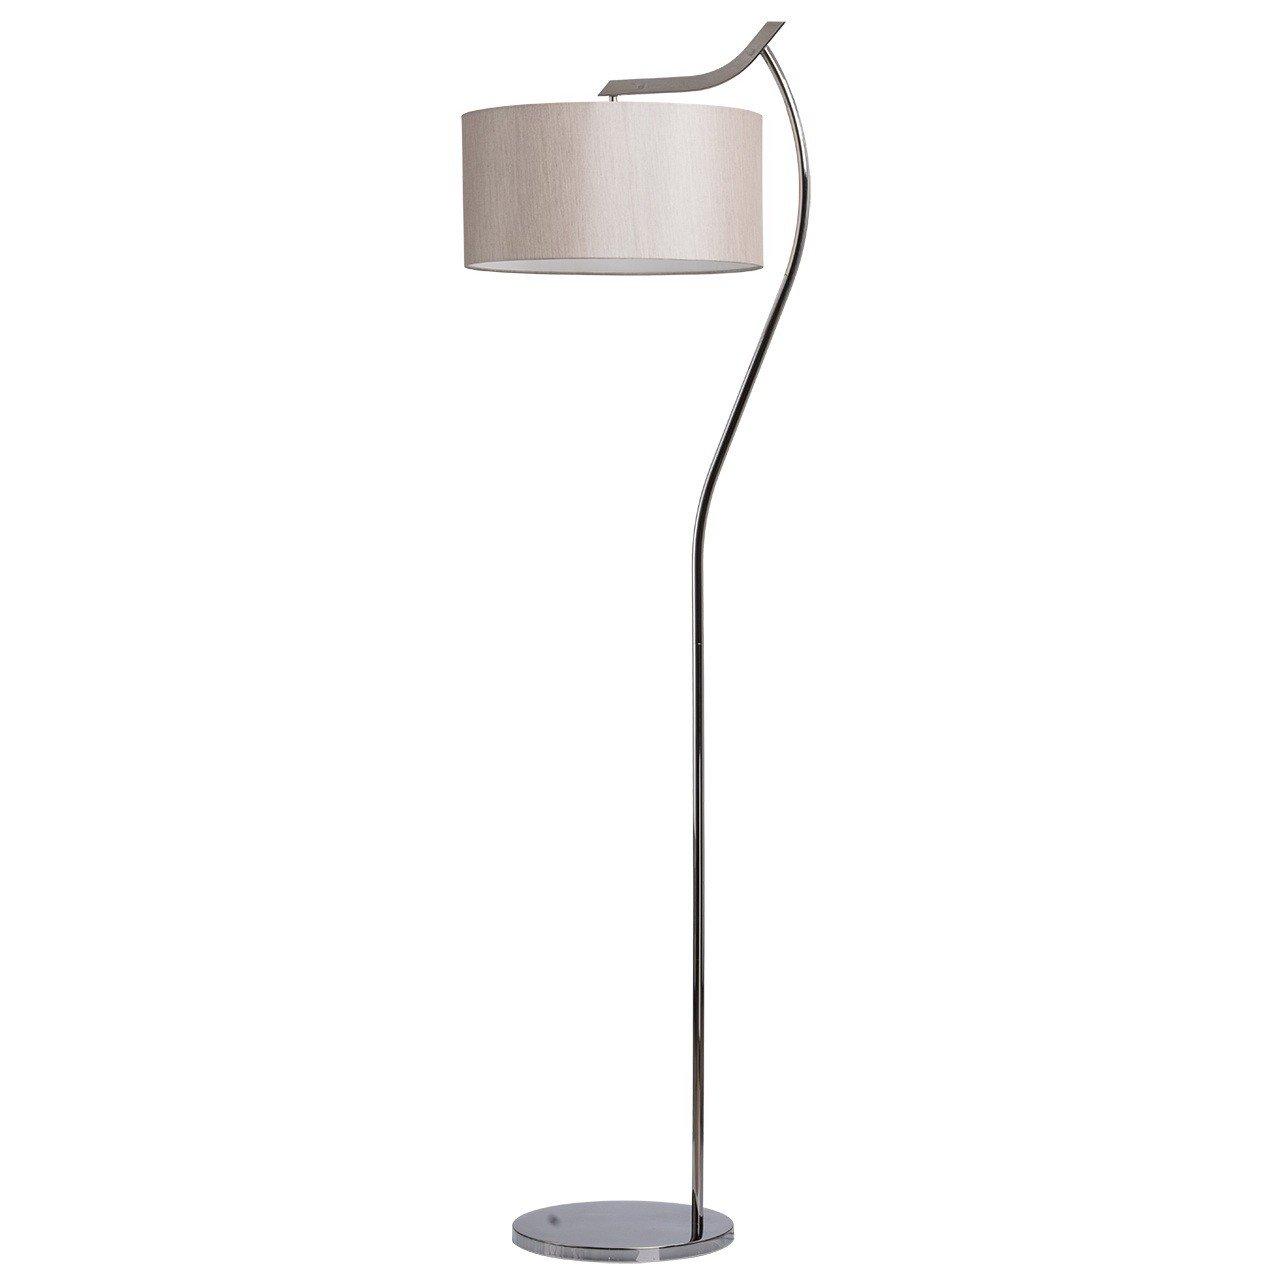 Applique classica moderna colore cromo metallo acciaio inossidabile paralume tessuto chiaro in camera da letto 1 bulb 1 * 40W E14 - escl [Classe di efficienza energetica A] MW-Light